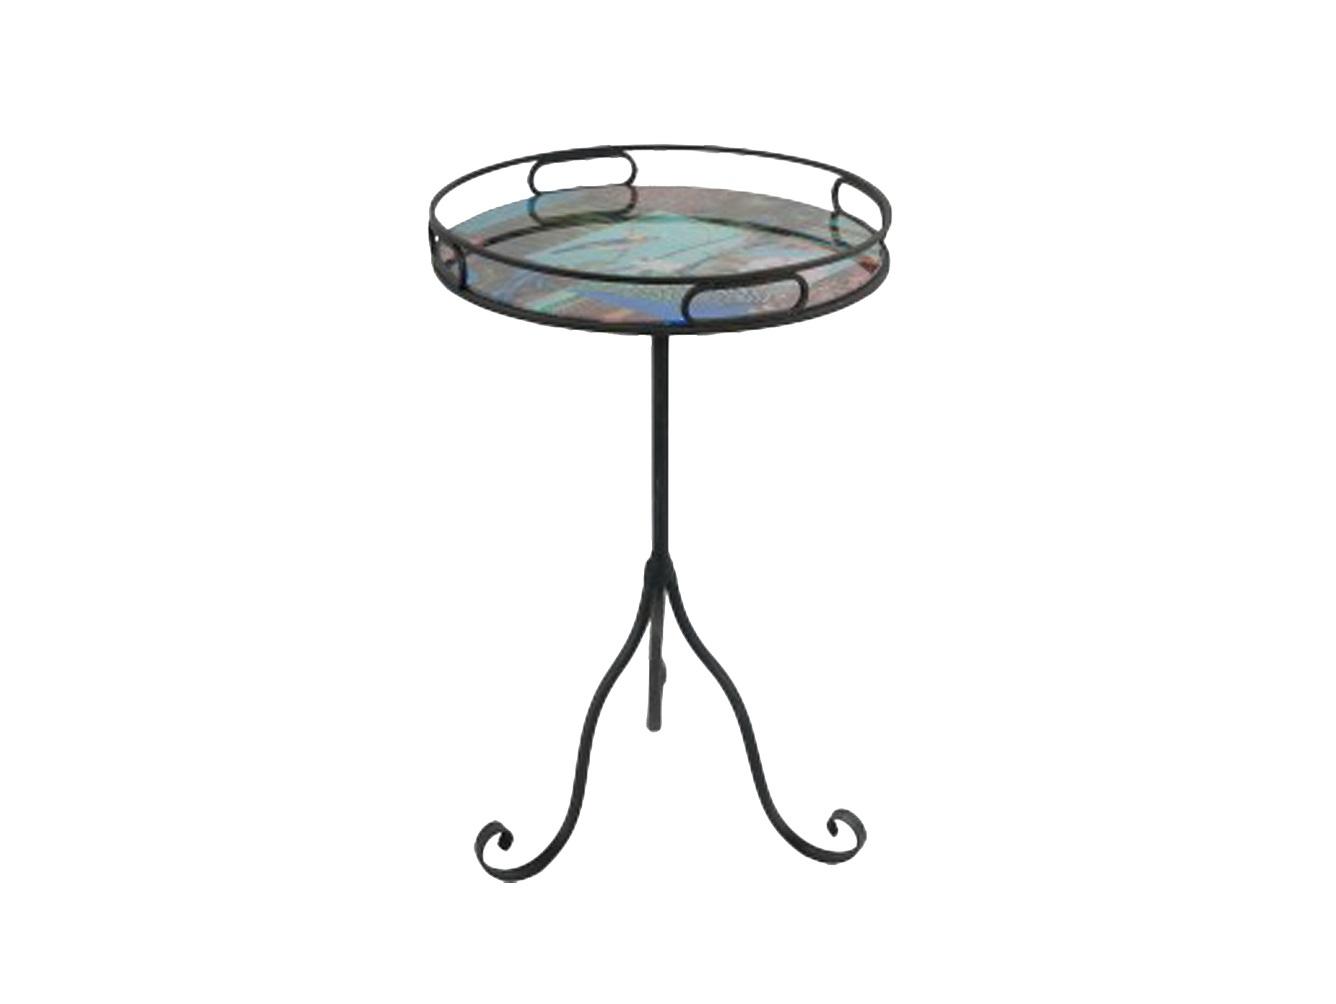 Столик для лампыПриставные столики<br>Круглый столик на металлической ножке. Столешница из стекла с рисунком.<br><br>Material: Стекло<br>Высота см: 73